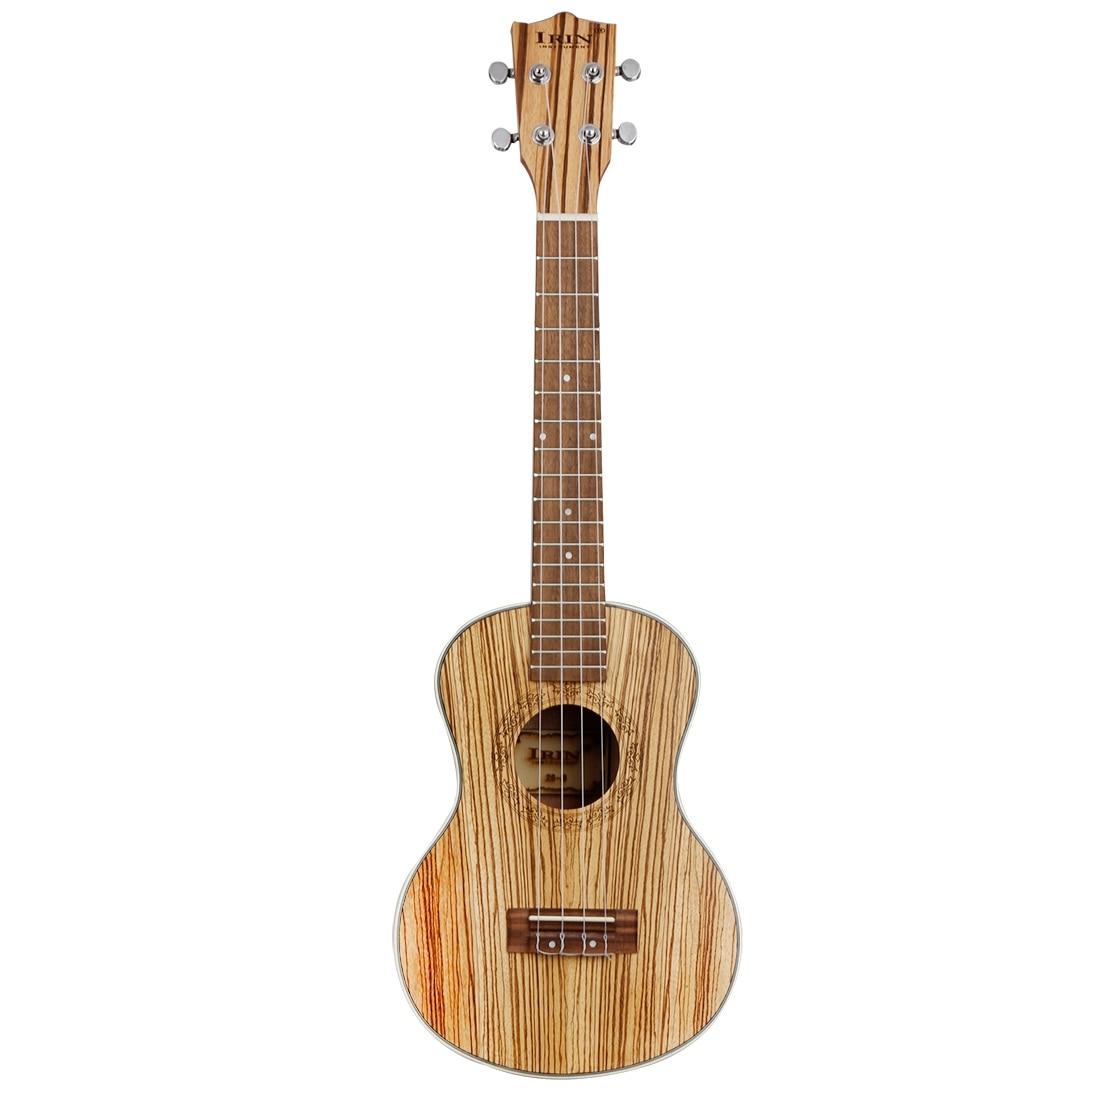 Nouveau IRIN Concert ukulélé 26 pouces 4 cordes hawaïenne Mini guitare acoustique Ukelele guitare envoyer des cadeaux musicaux à cordes Ins